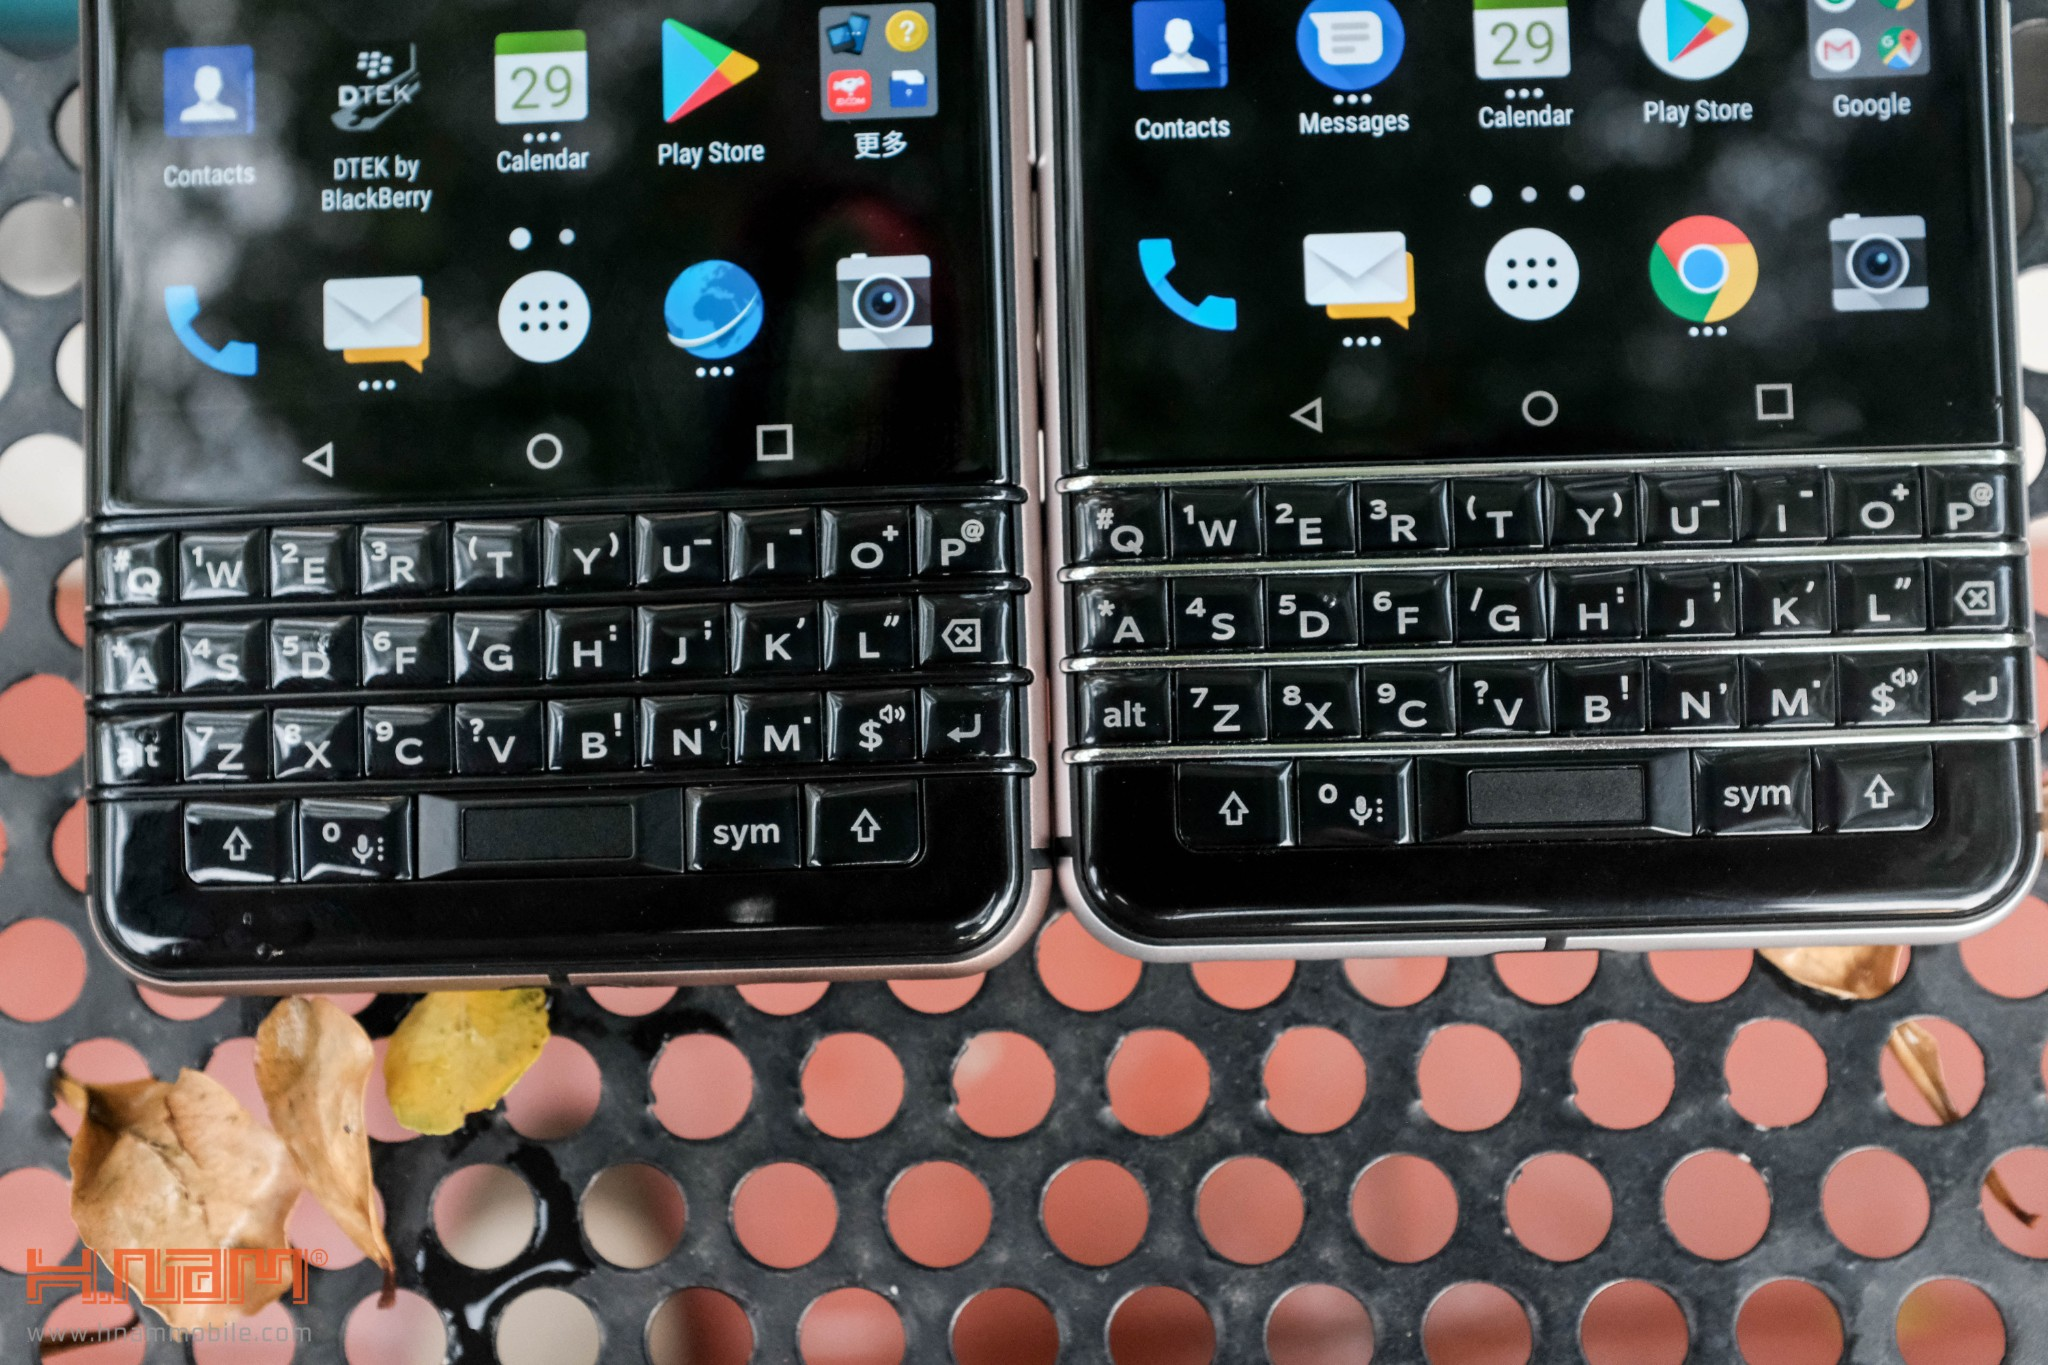 Trên tay Blackberry KEYone phiên bản màu Đồng cực chất! hình 20